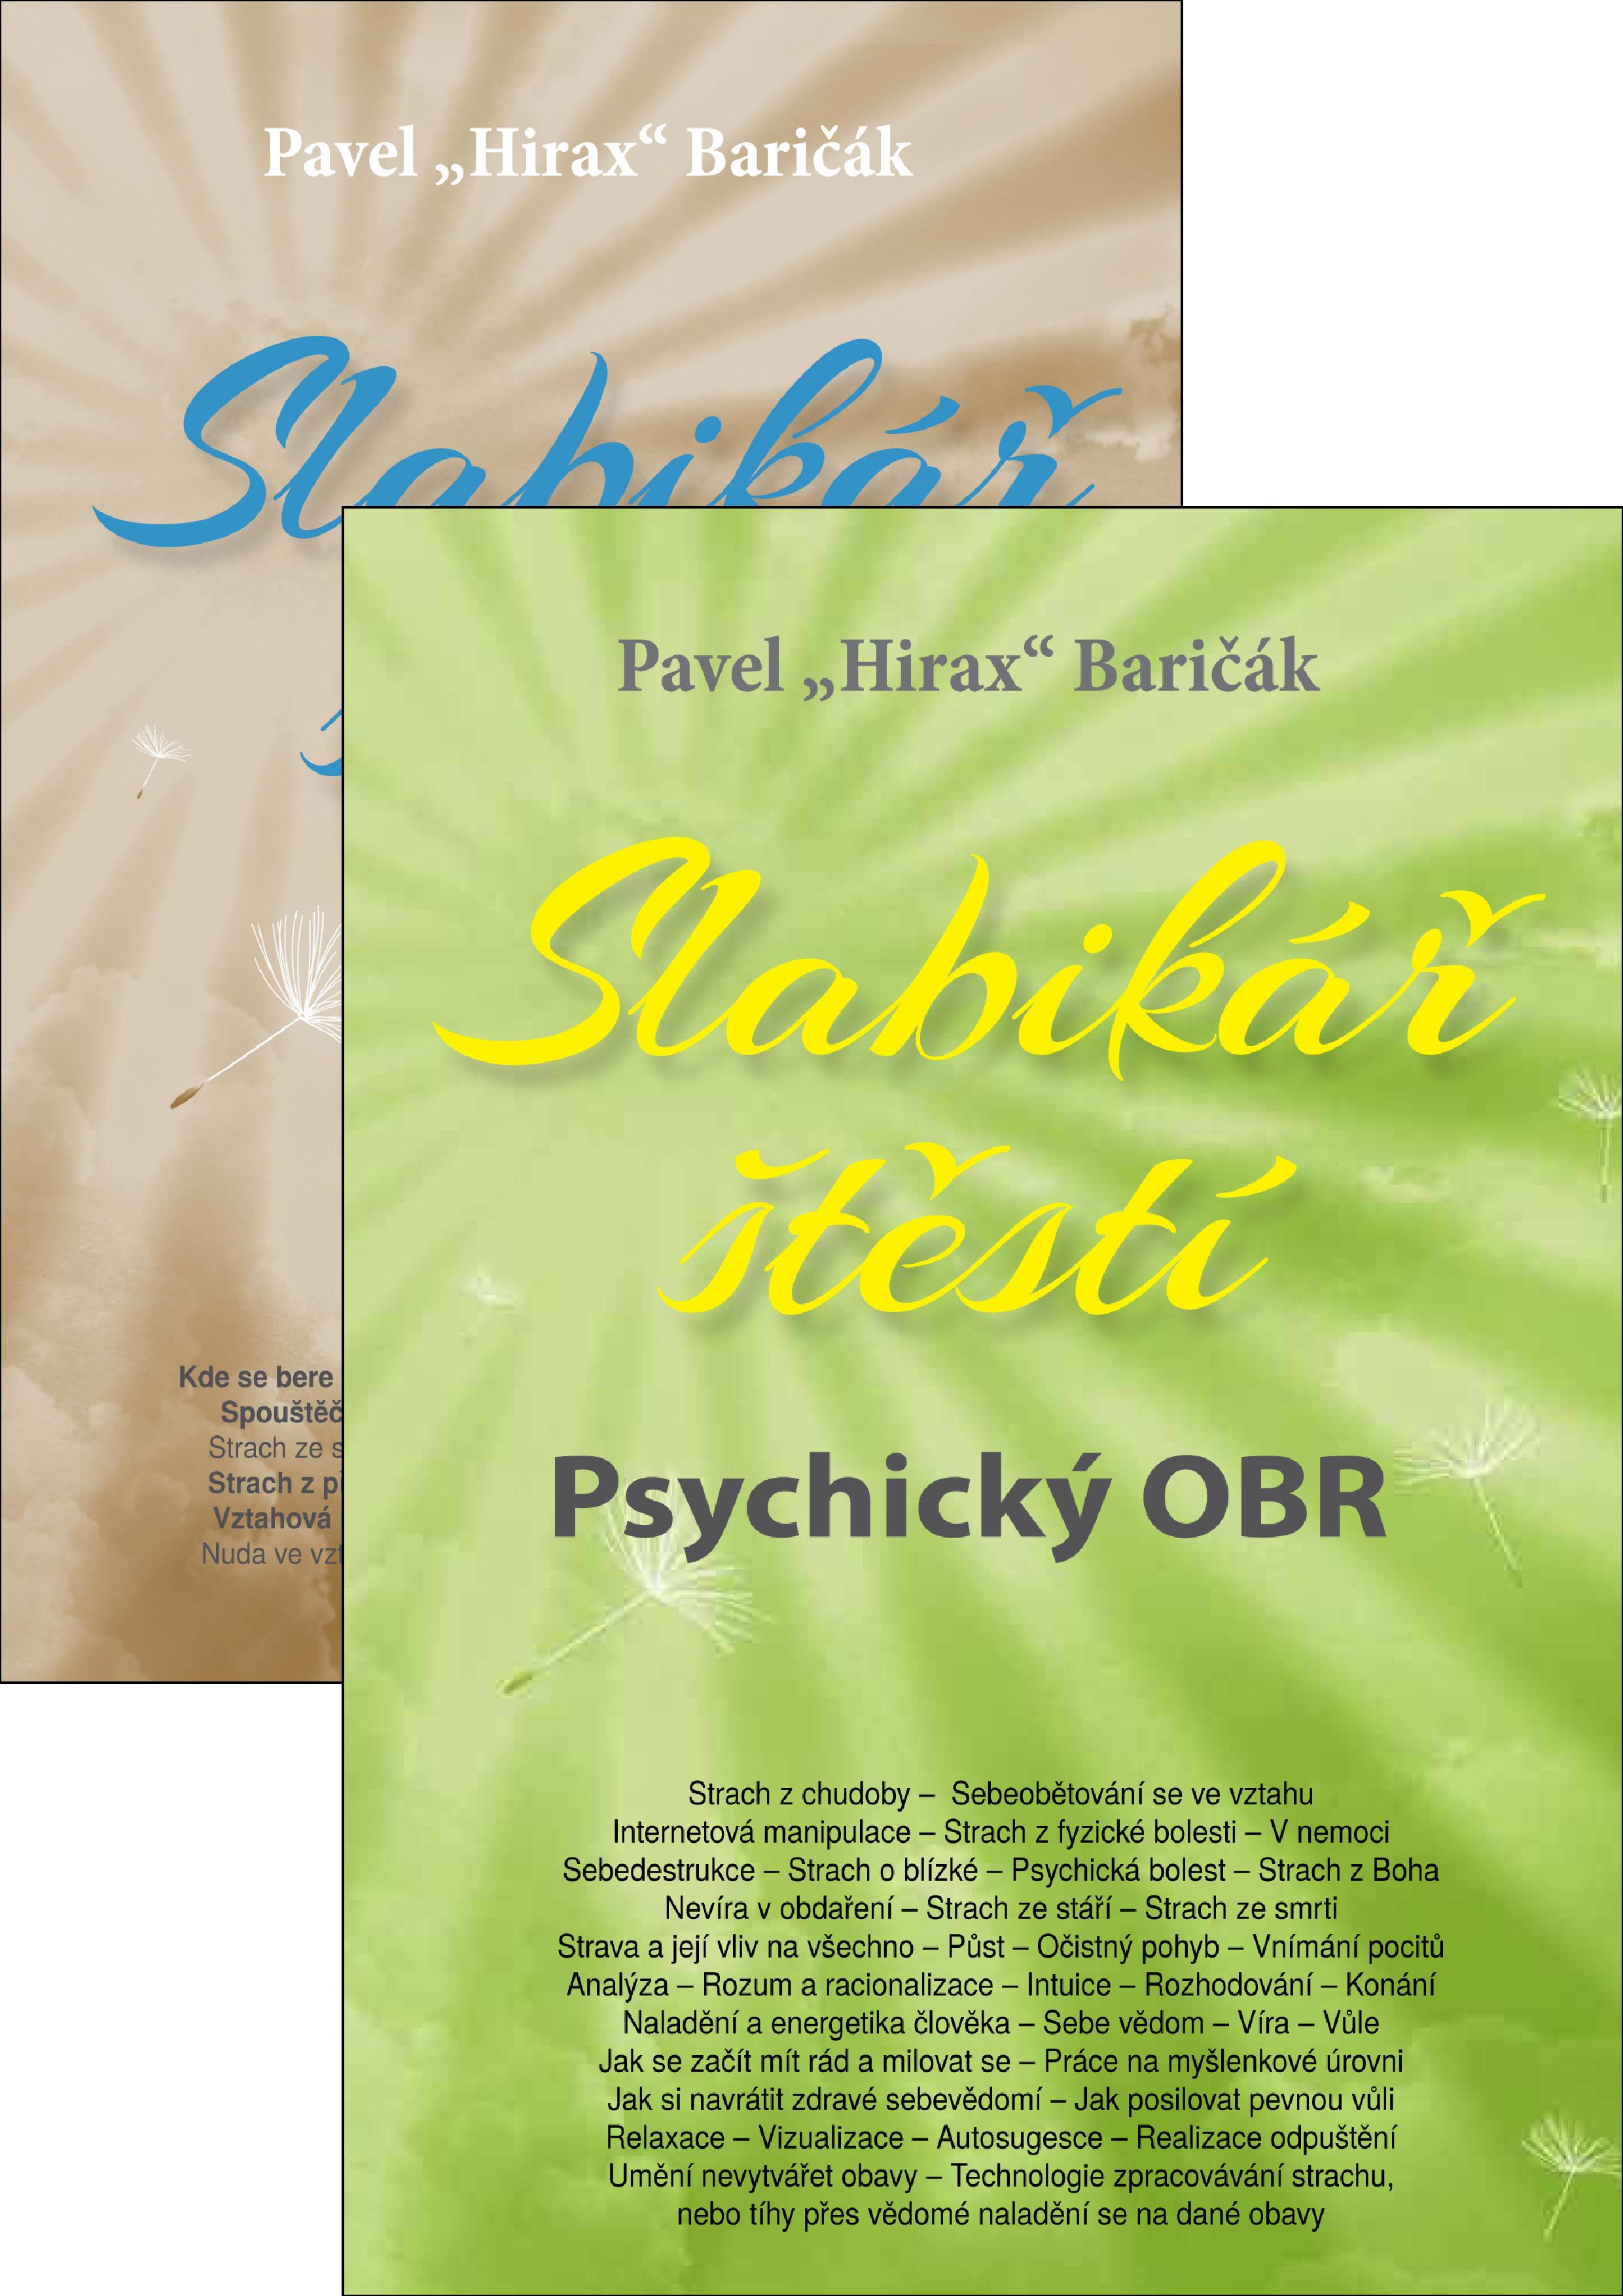 Slabikář štěstí 5 (Psychický OBR) + Slabikář štěstí 4 (Strachy, vztahy, svoboda) - Baričák Hirax Pavel